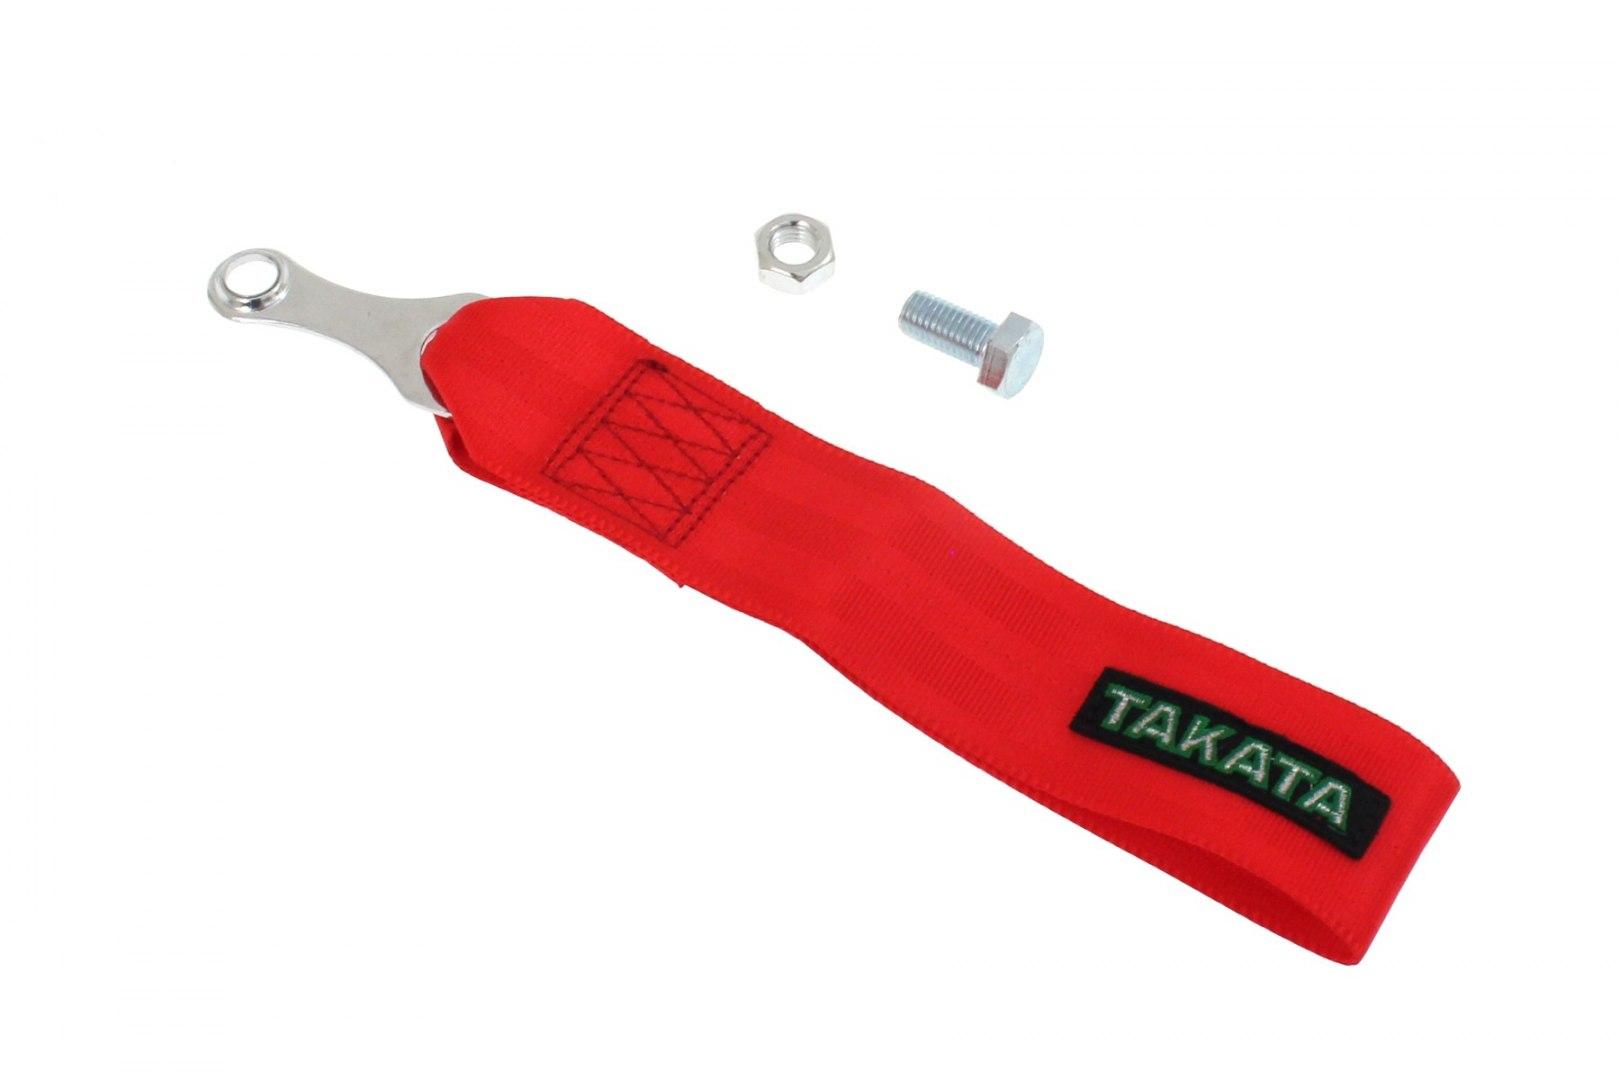 Pas / pętla holownicza (Tow Strap) Takata Czerwony - GRUBYGARAGE - Sklep Tuningowy